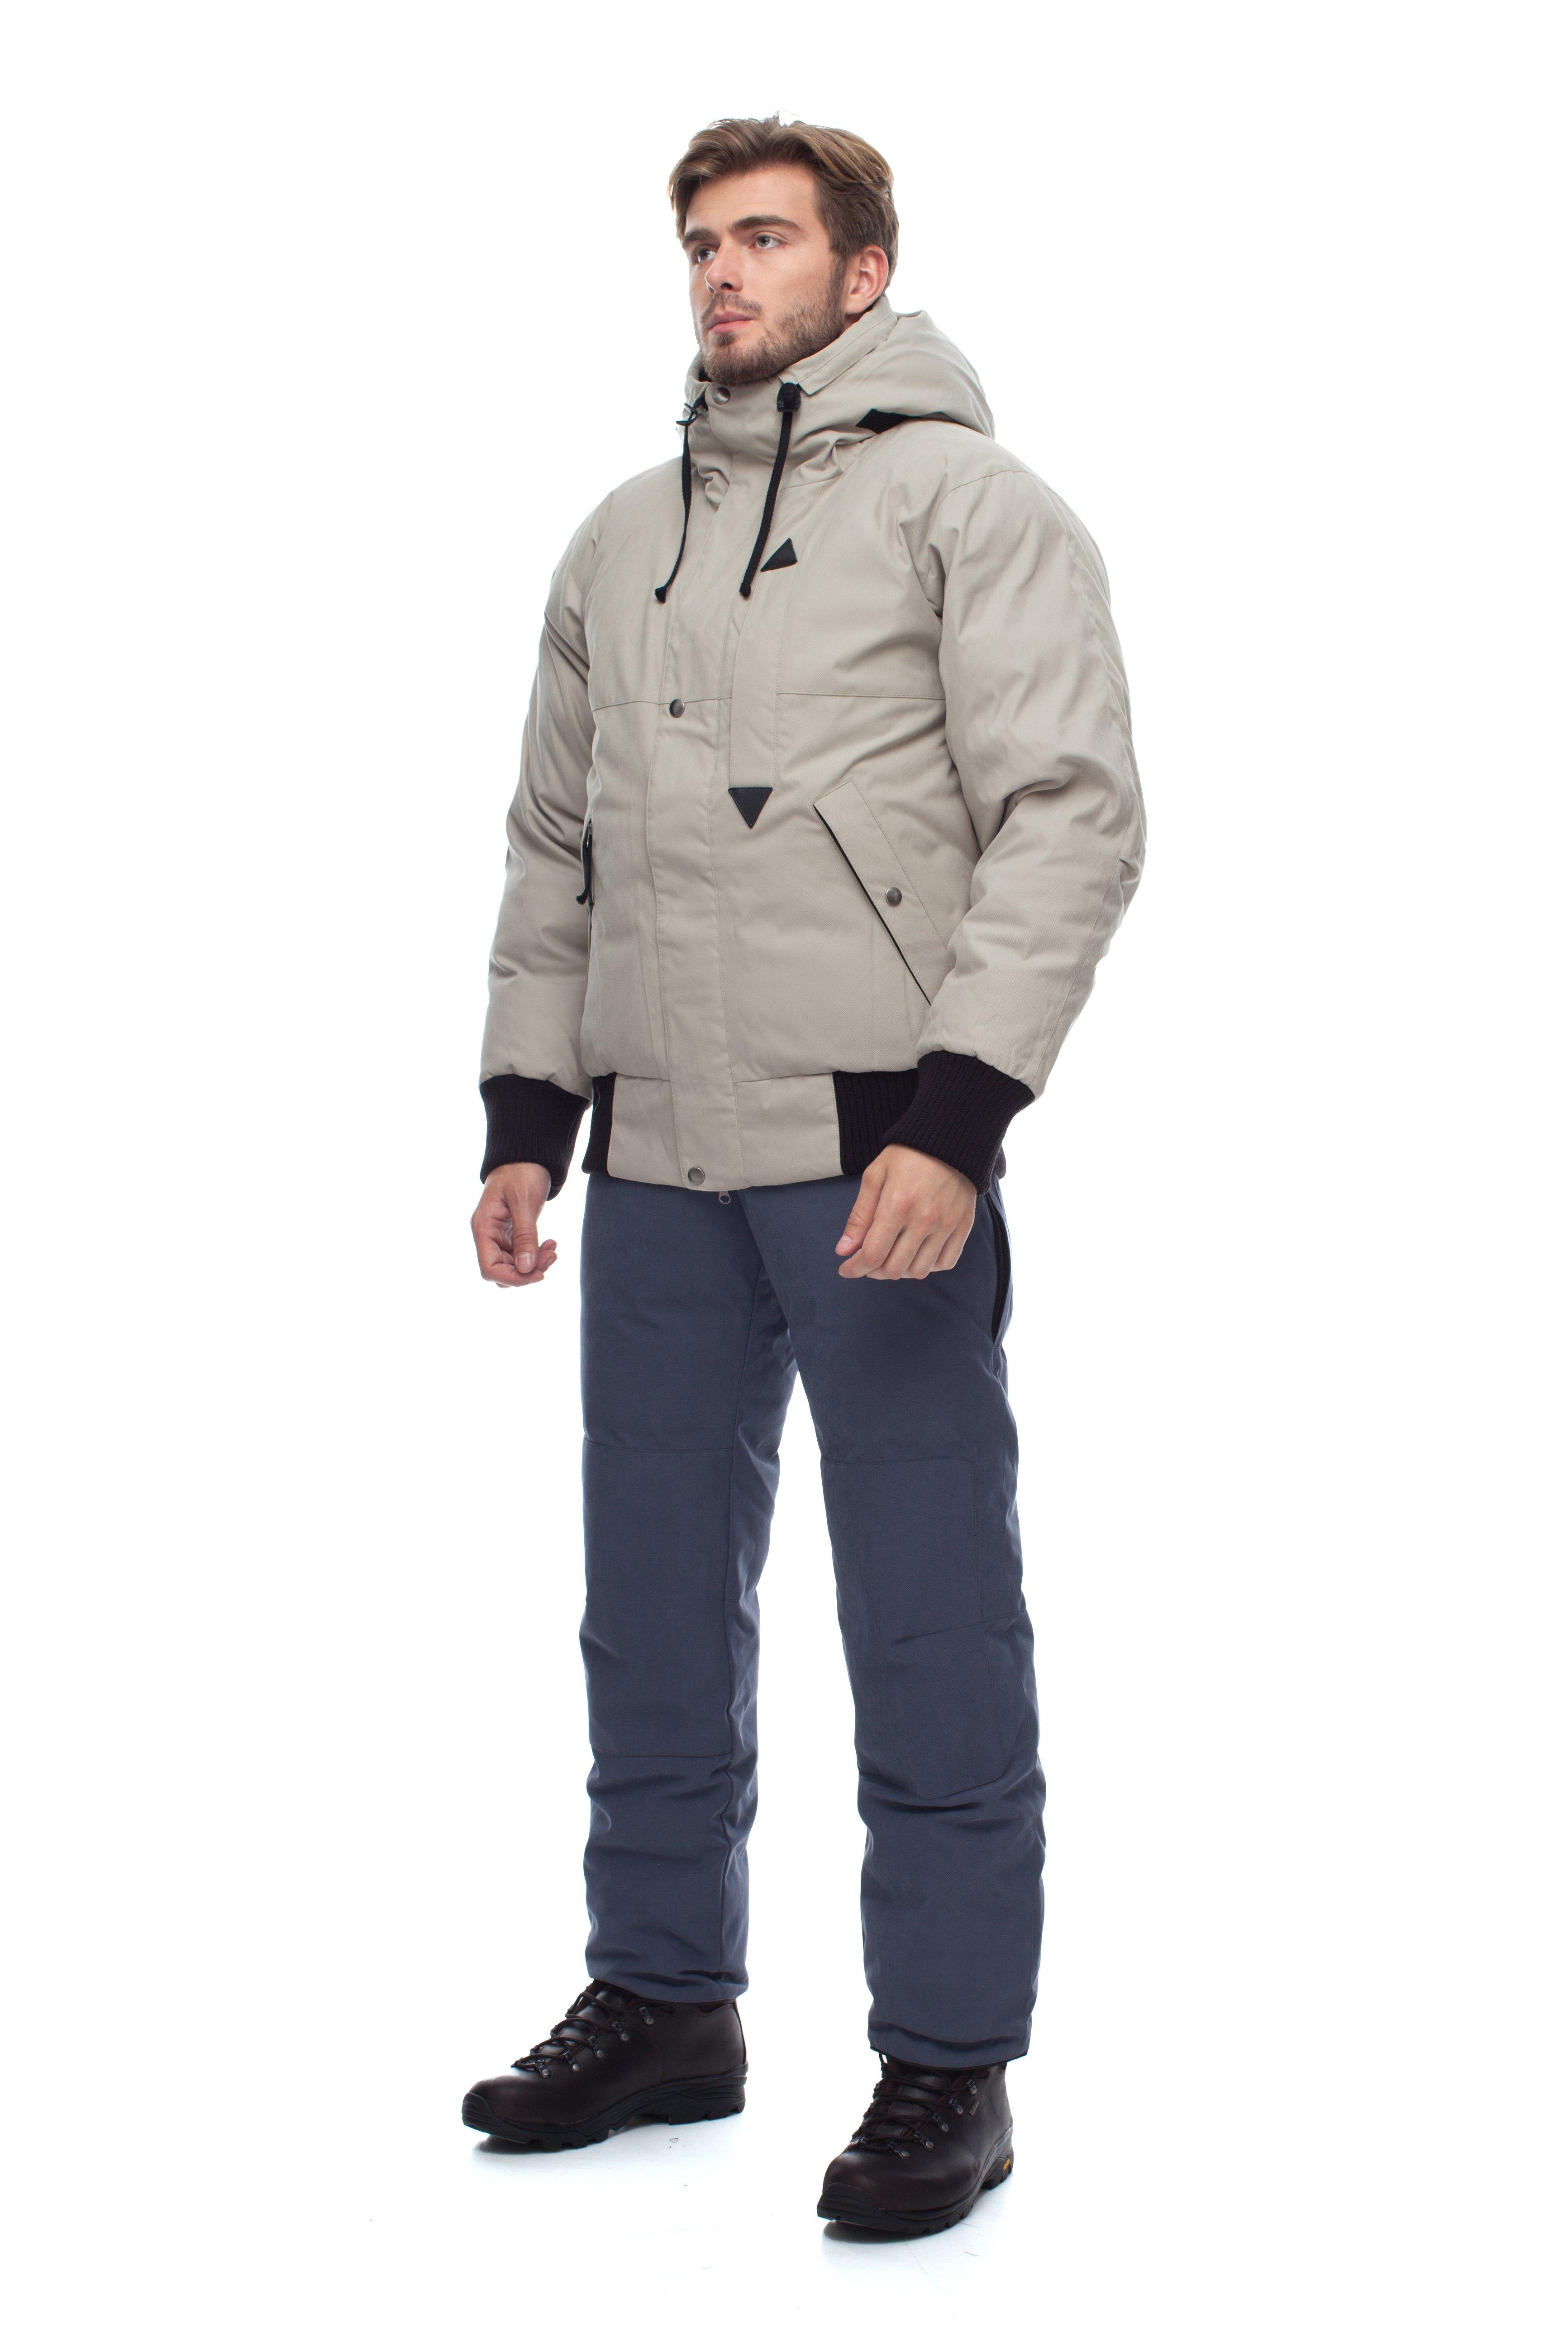 Пуховая куртка BASK TOBOL 3785Куртки<br><br><br>&quot;Дышащие&quot; свойства: Да<br>Верхняя ткань: Advance® Alaska<br>Вес граммы: 1600<br>Вес утеплителя: 400<br>Ветро-влагозащитные свойства верхней ткани: Да<br>Ветрозащитная планка: Да<br>Ветрозащитная юбка: Нет<br>Влагозащитные молнии: Нет<br>Внутренние манжеты: Нет<br>Внутренняя ткань: Advance® Classic<br>Водонепроницаемость: 10000<br>Дублирующий центральную молнию клапан: Нет<br>Защитный козырёк капюшона: Нет<br>Капюшон: Несъемный<br>Карман для средств связи: Нет<br>Количество внешних карманов: 3<br>Количество внутренних карманов: 3<br>Коллекция: Pole to Pole<br>Мембрана: Да<br>Объемный крой локтевой зоны: Да<br>Отстёгивающиеся рукава: Нет<br>Паропроницаемость: 5000<br>Показатель Fill Power (для пуховых изделий): 650<br>Пол: Мужской<br>Проклейка швов: Нет<br>Регулировка манжетов рукавов: Нет<br>Регулировка низа: Нет<br>Регулировка объёма капюшона: Да<br>Регулировка талии: Нет<br>Регулируемые вентиляционные отверстия: Нет<br>Световозвращающая лента: Нет<br>Температурный режим: -25<br>Технология Thermal Welding: Нет<br>Тип молнии: Двухзамковая<br>Тип утеплителя: Натуральный<br>Усиление контактных зон: Нет<br>Утеплитель: Гусиный пух<br>Размер RU: 44<br>Цвет: КРАСНЫЙ